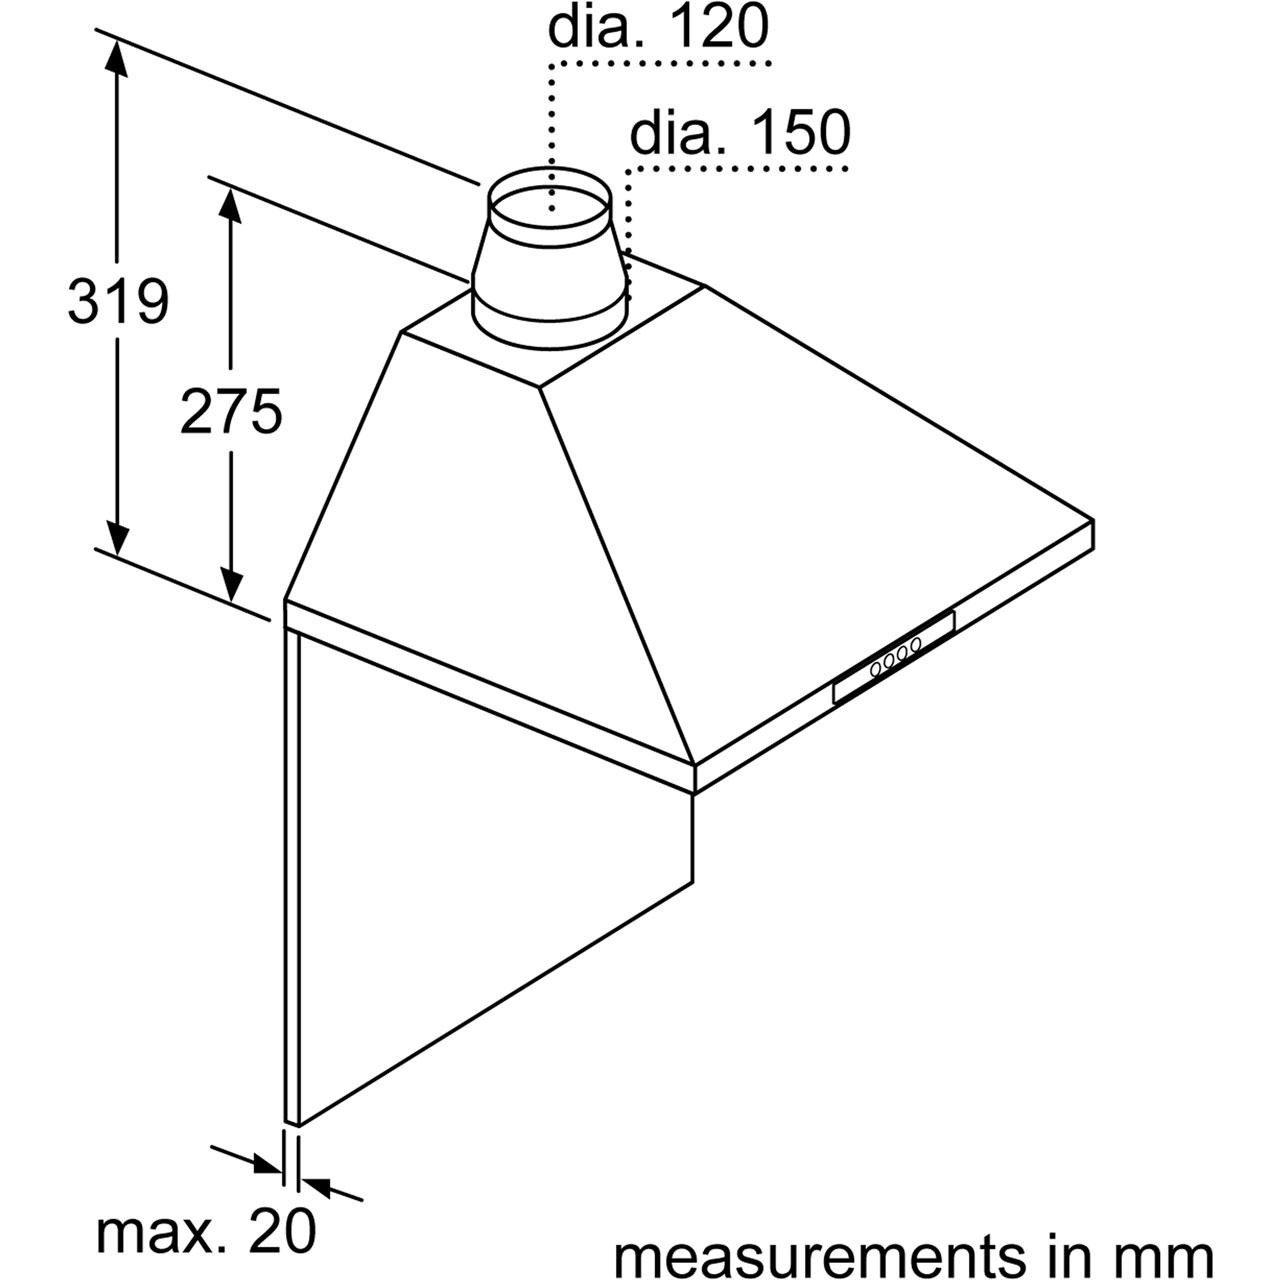 dww07w450b_ss_bosch_cookerhoods_02_dim_l rangemaster cooker hood wiring diagram wiring diagram and rangemaster cooker hood wiring diagram at suagrazia.org